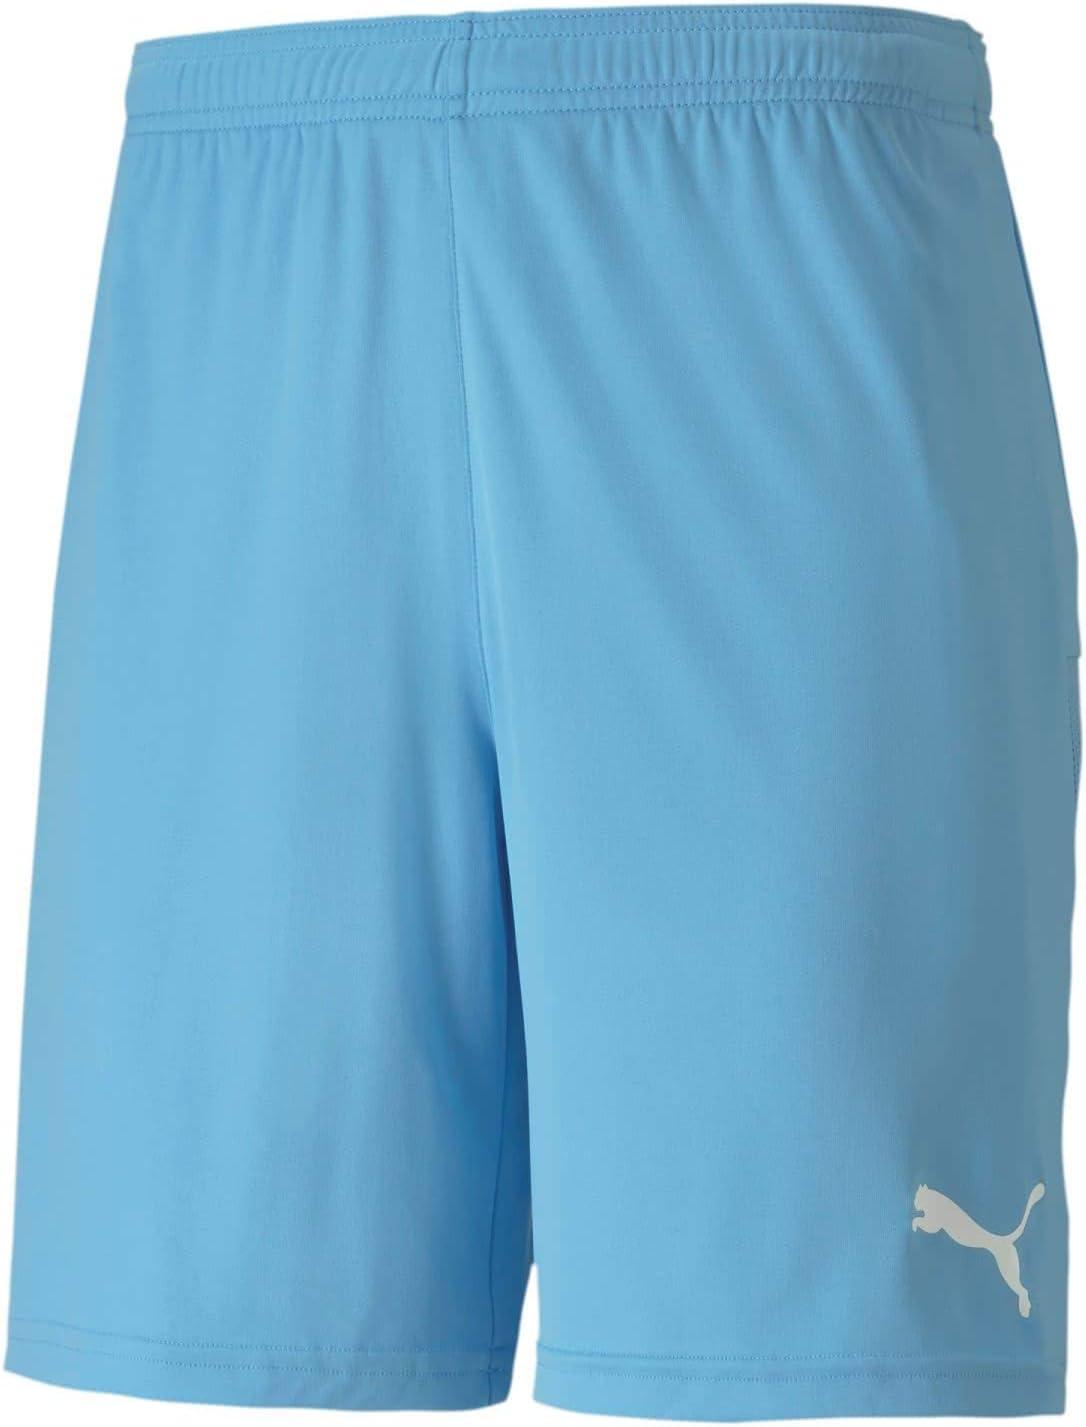 WOL-Bar Braguita Tipo Shorts para Mujeres WB02